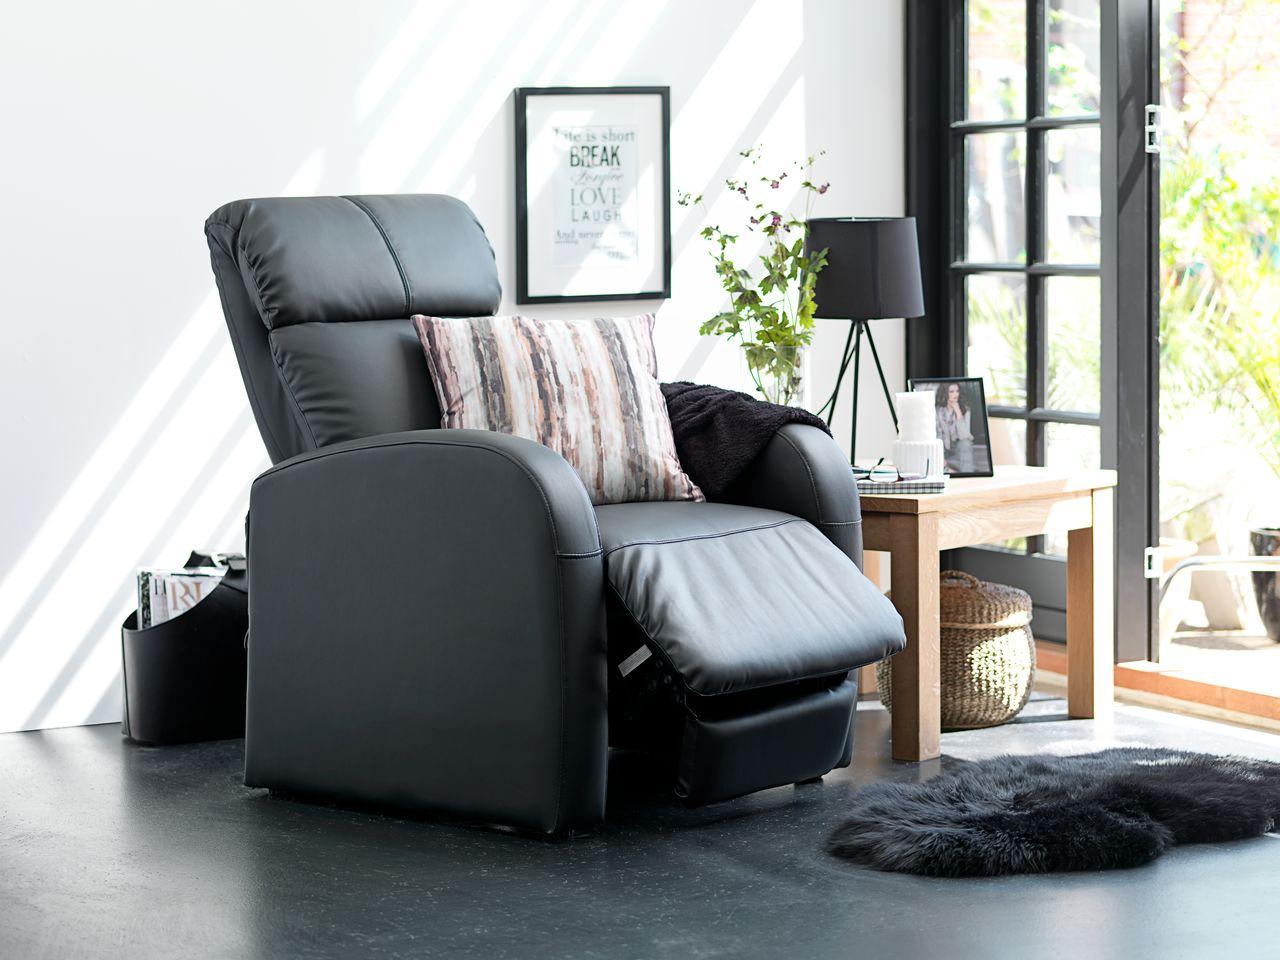 Кресло реклайнер в интерьере